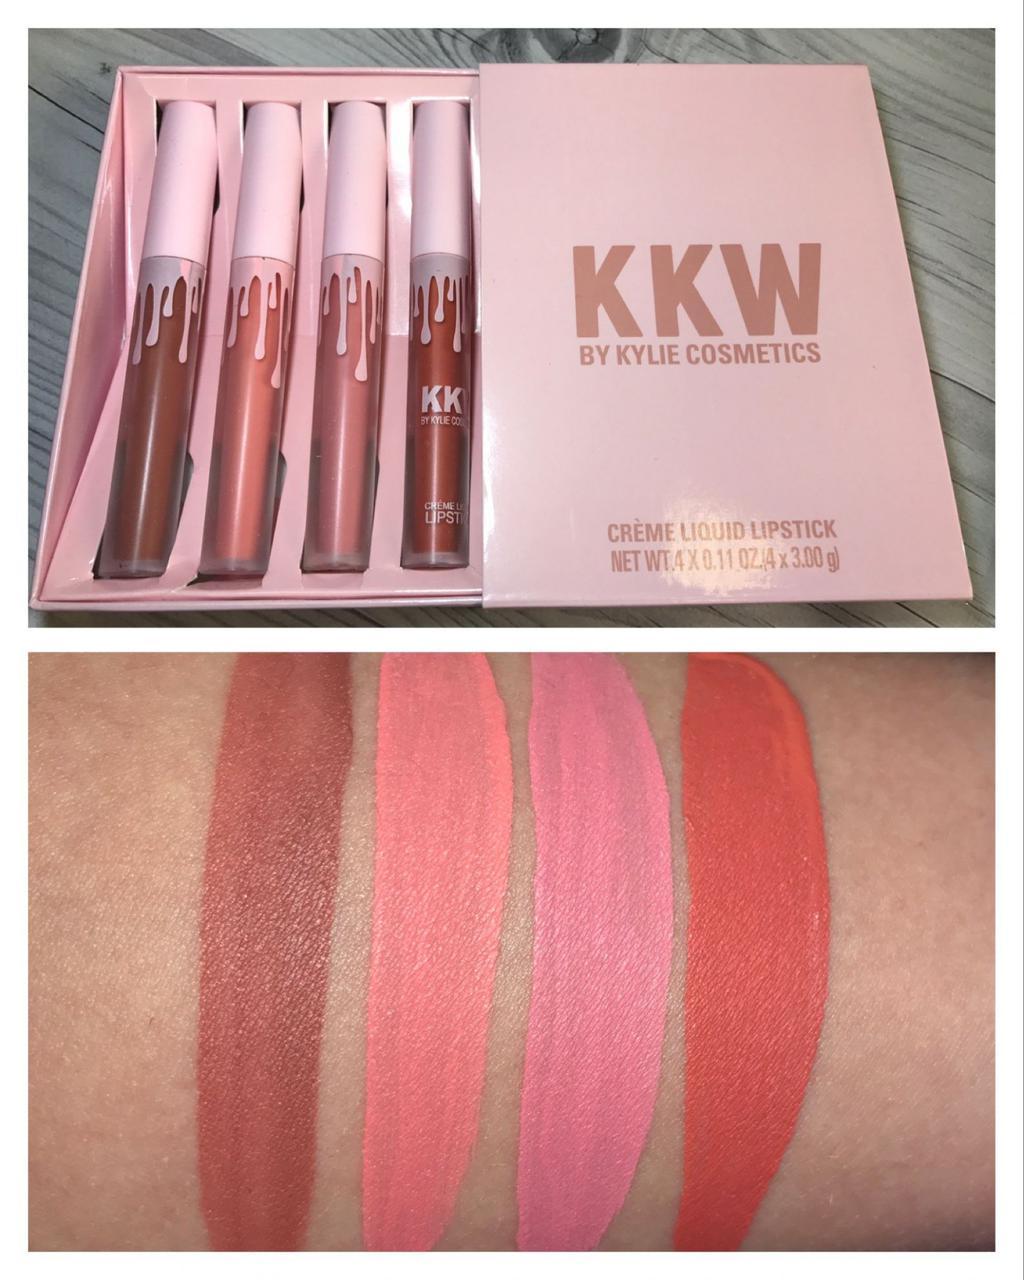 Помада Kylie True Brown K купить в магазине со скидкой: Кремовая жидкая помада KKW By Kylie Cosmetics копия